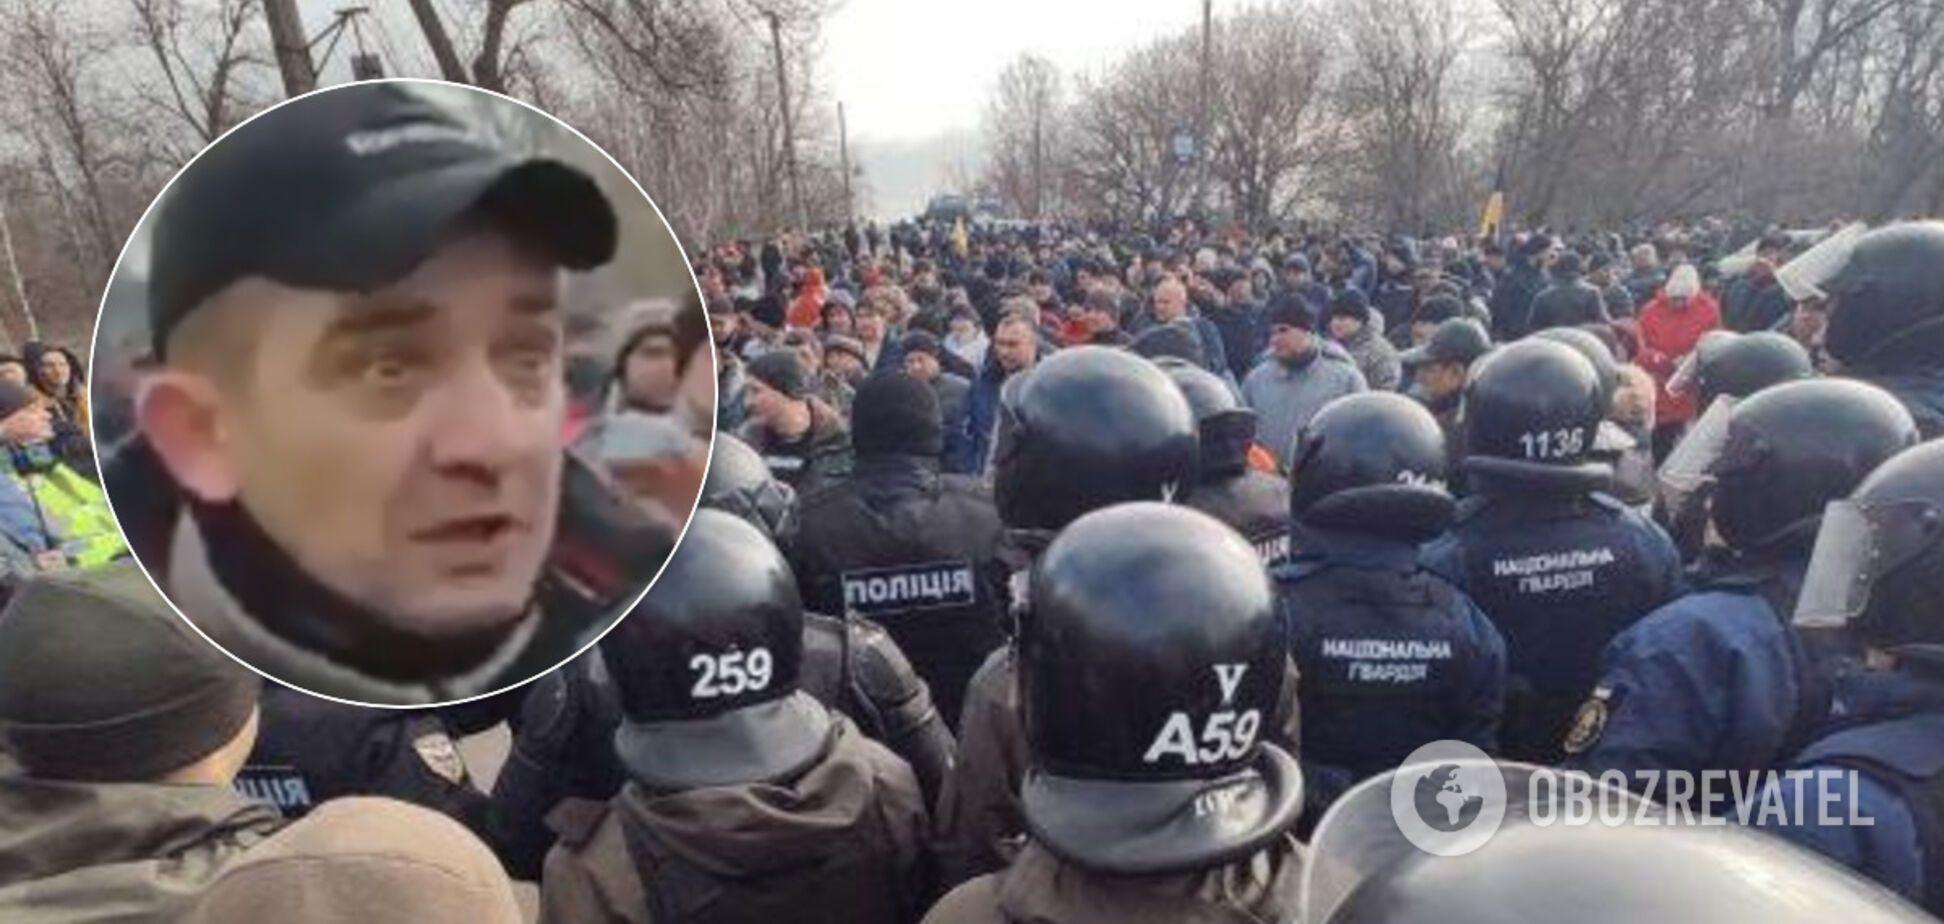 'До нас везуть біду!' Під Полтавою місцеві жителі накинулися на Нацгвардію. Відео